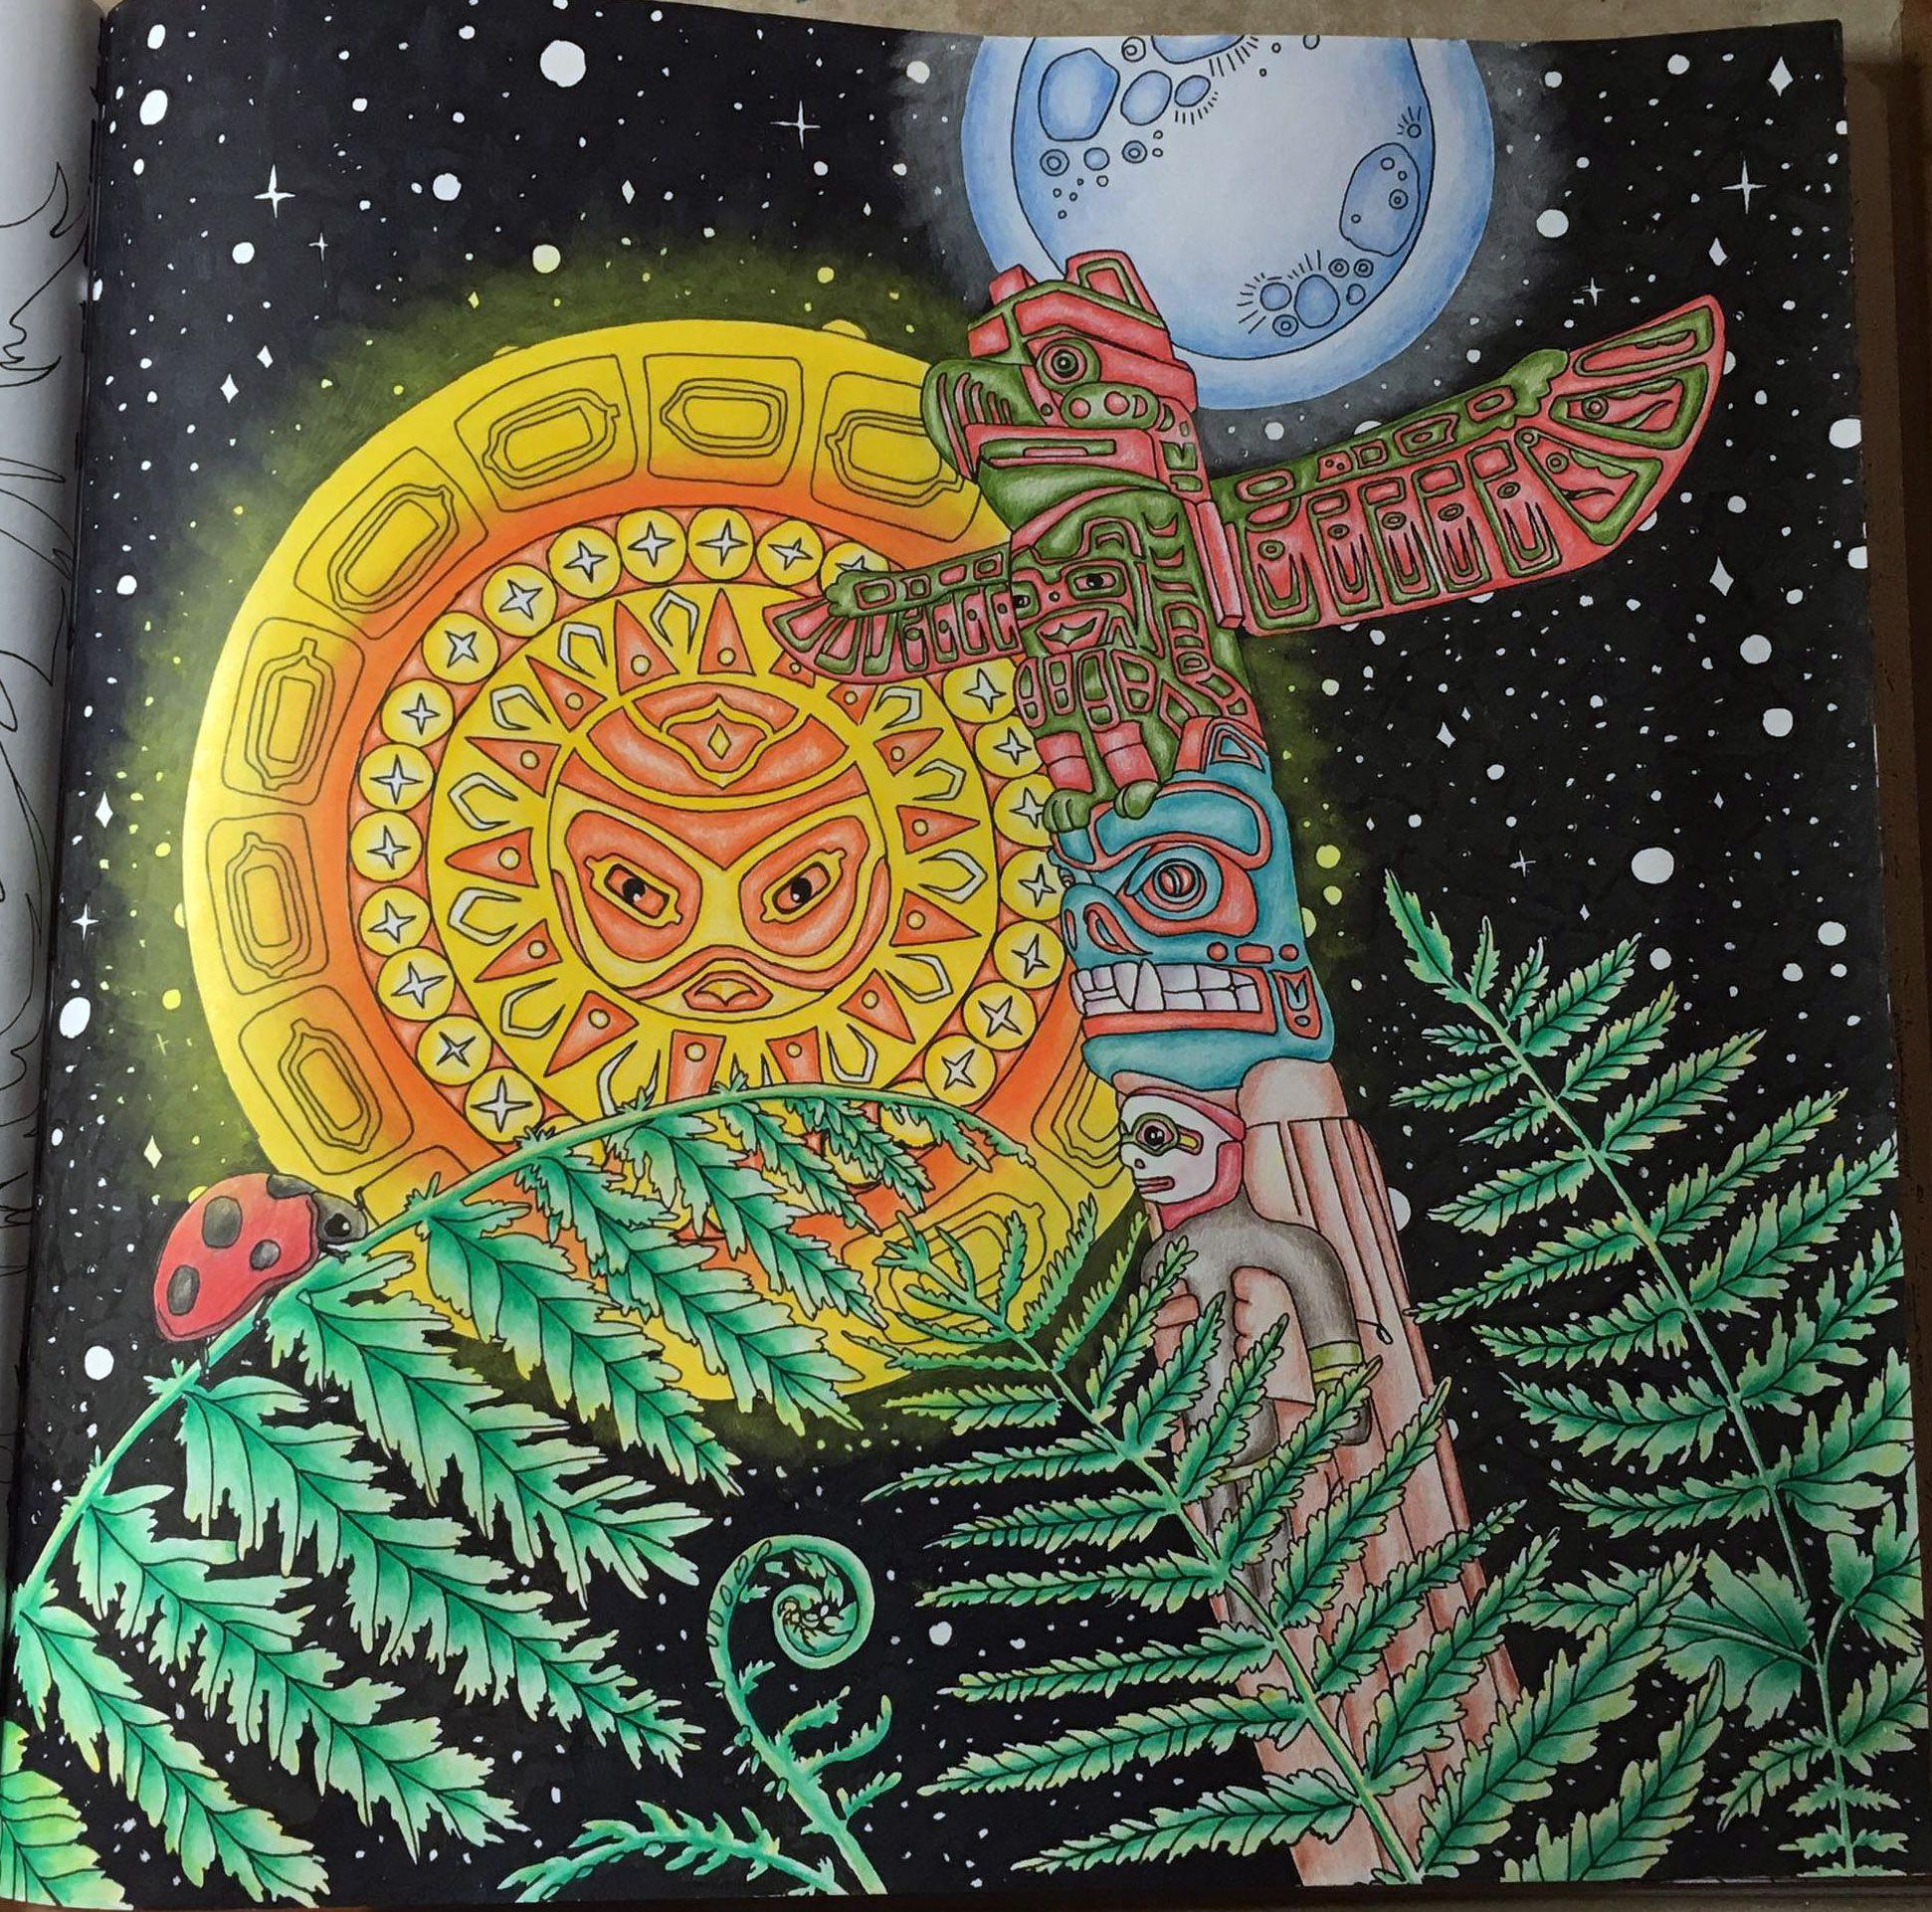 Stanley Park Totem By Trevor Taylor